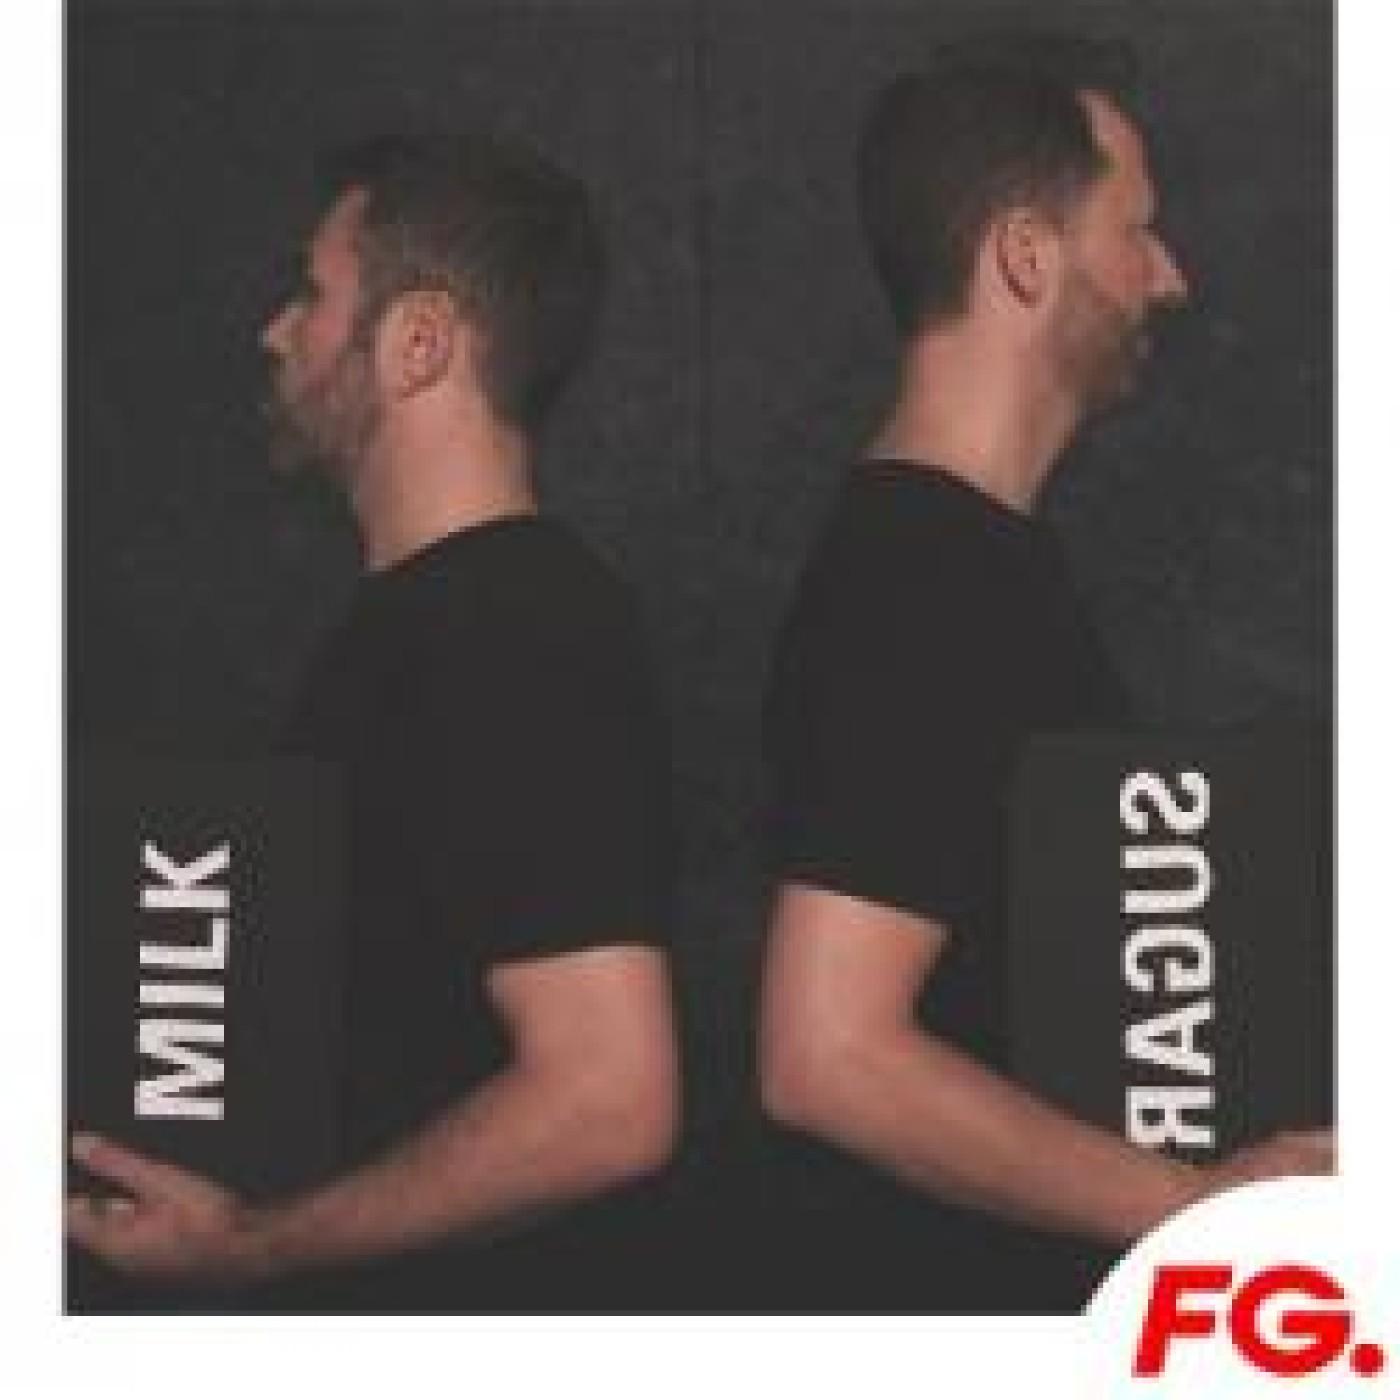 CLUB FG : MILK & SUGAR